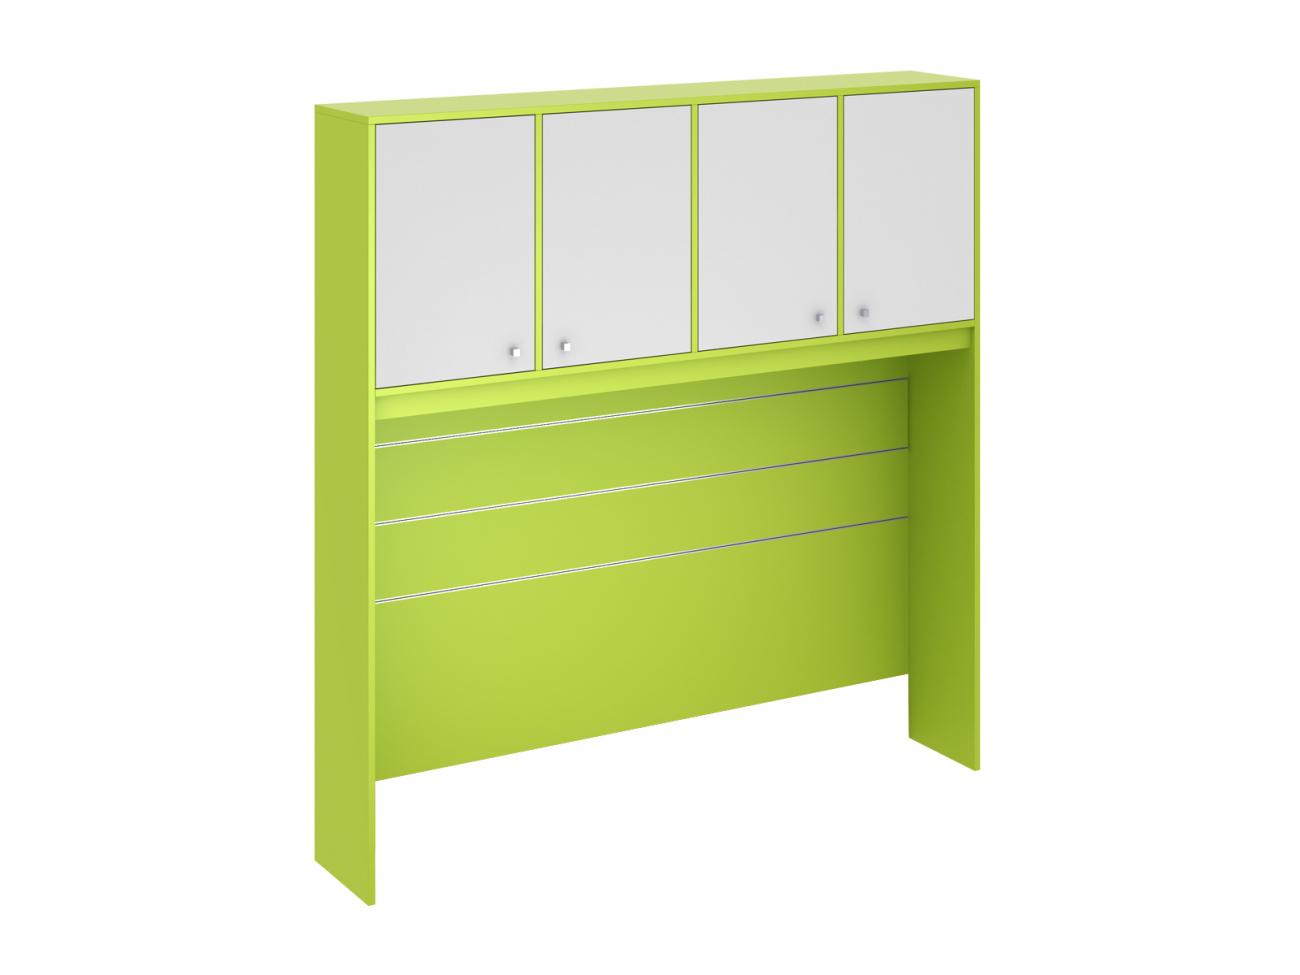 Купить Секция Pinokkio в интернет магазине дизайнерской мебели и аксессуаров для дома и дачи